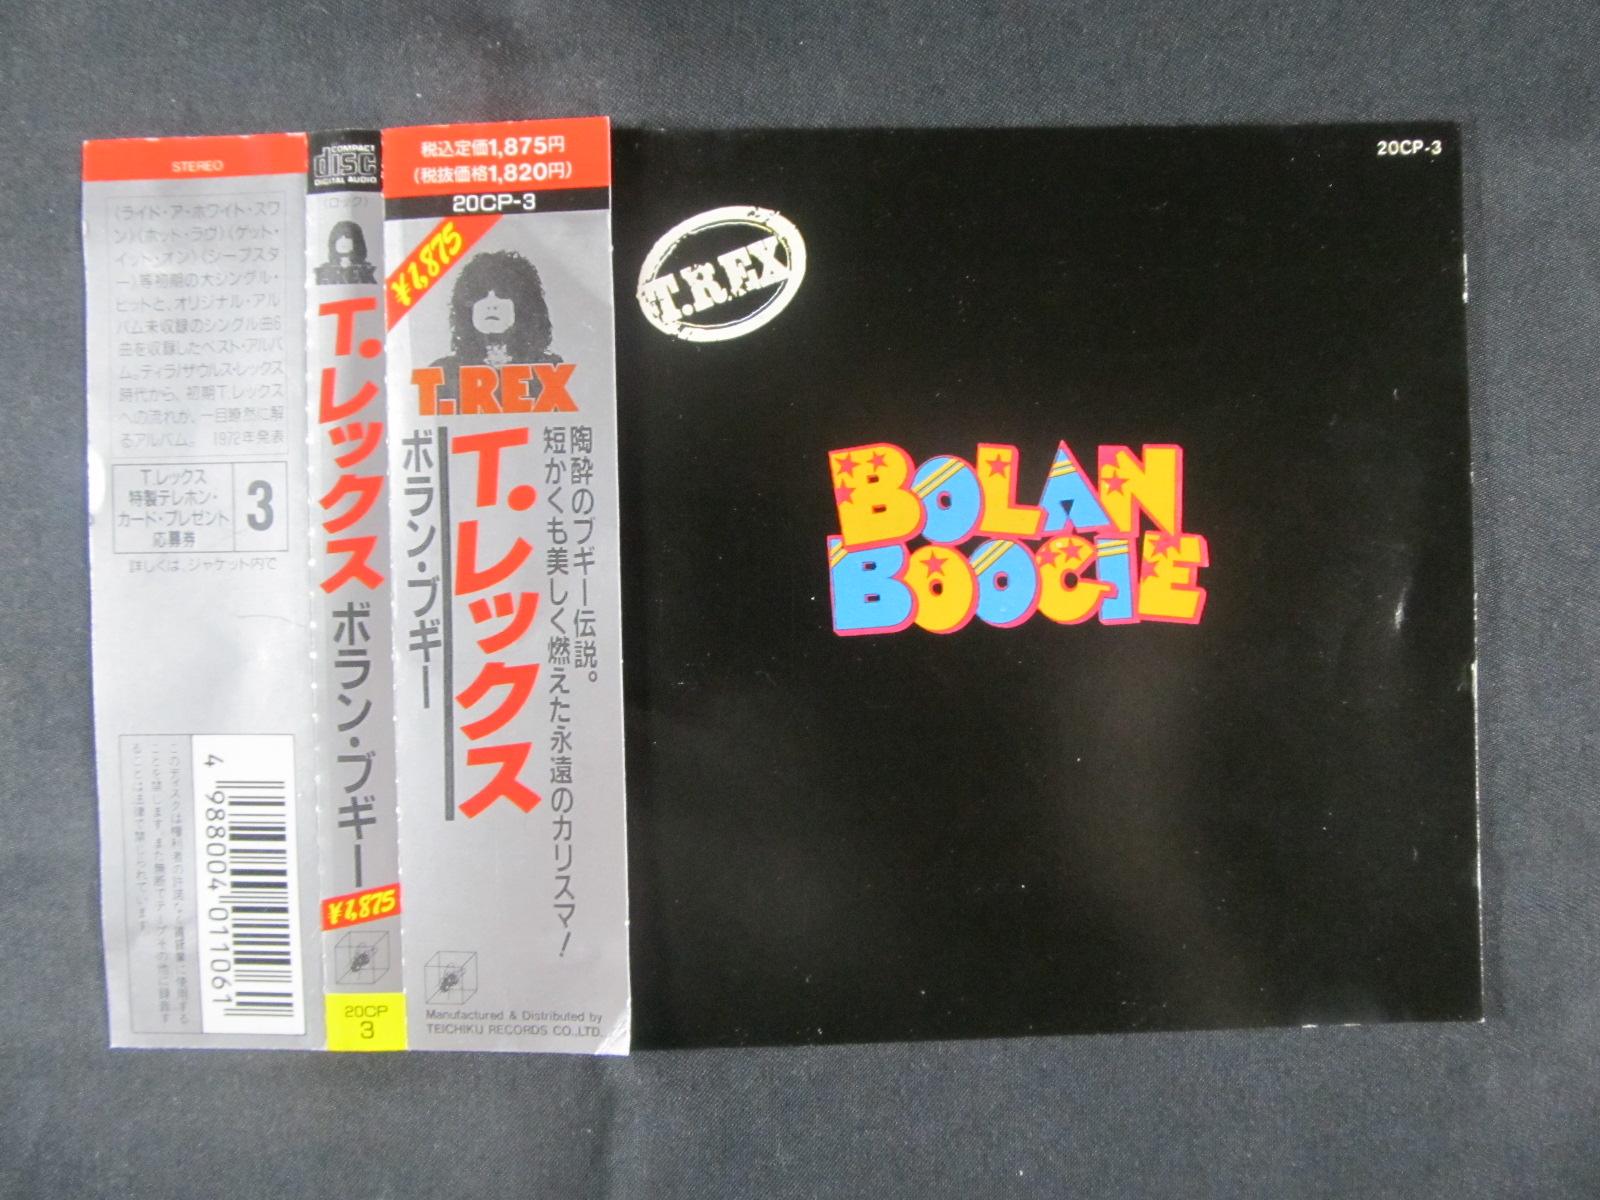 中古CD T.REX『BOLAN BOOGIE』/T.レックス『ボラン・ブギー』画像